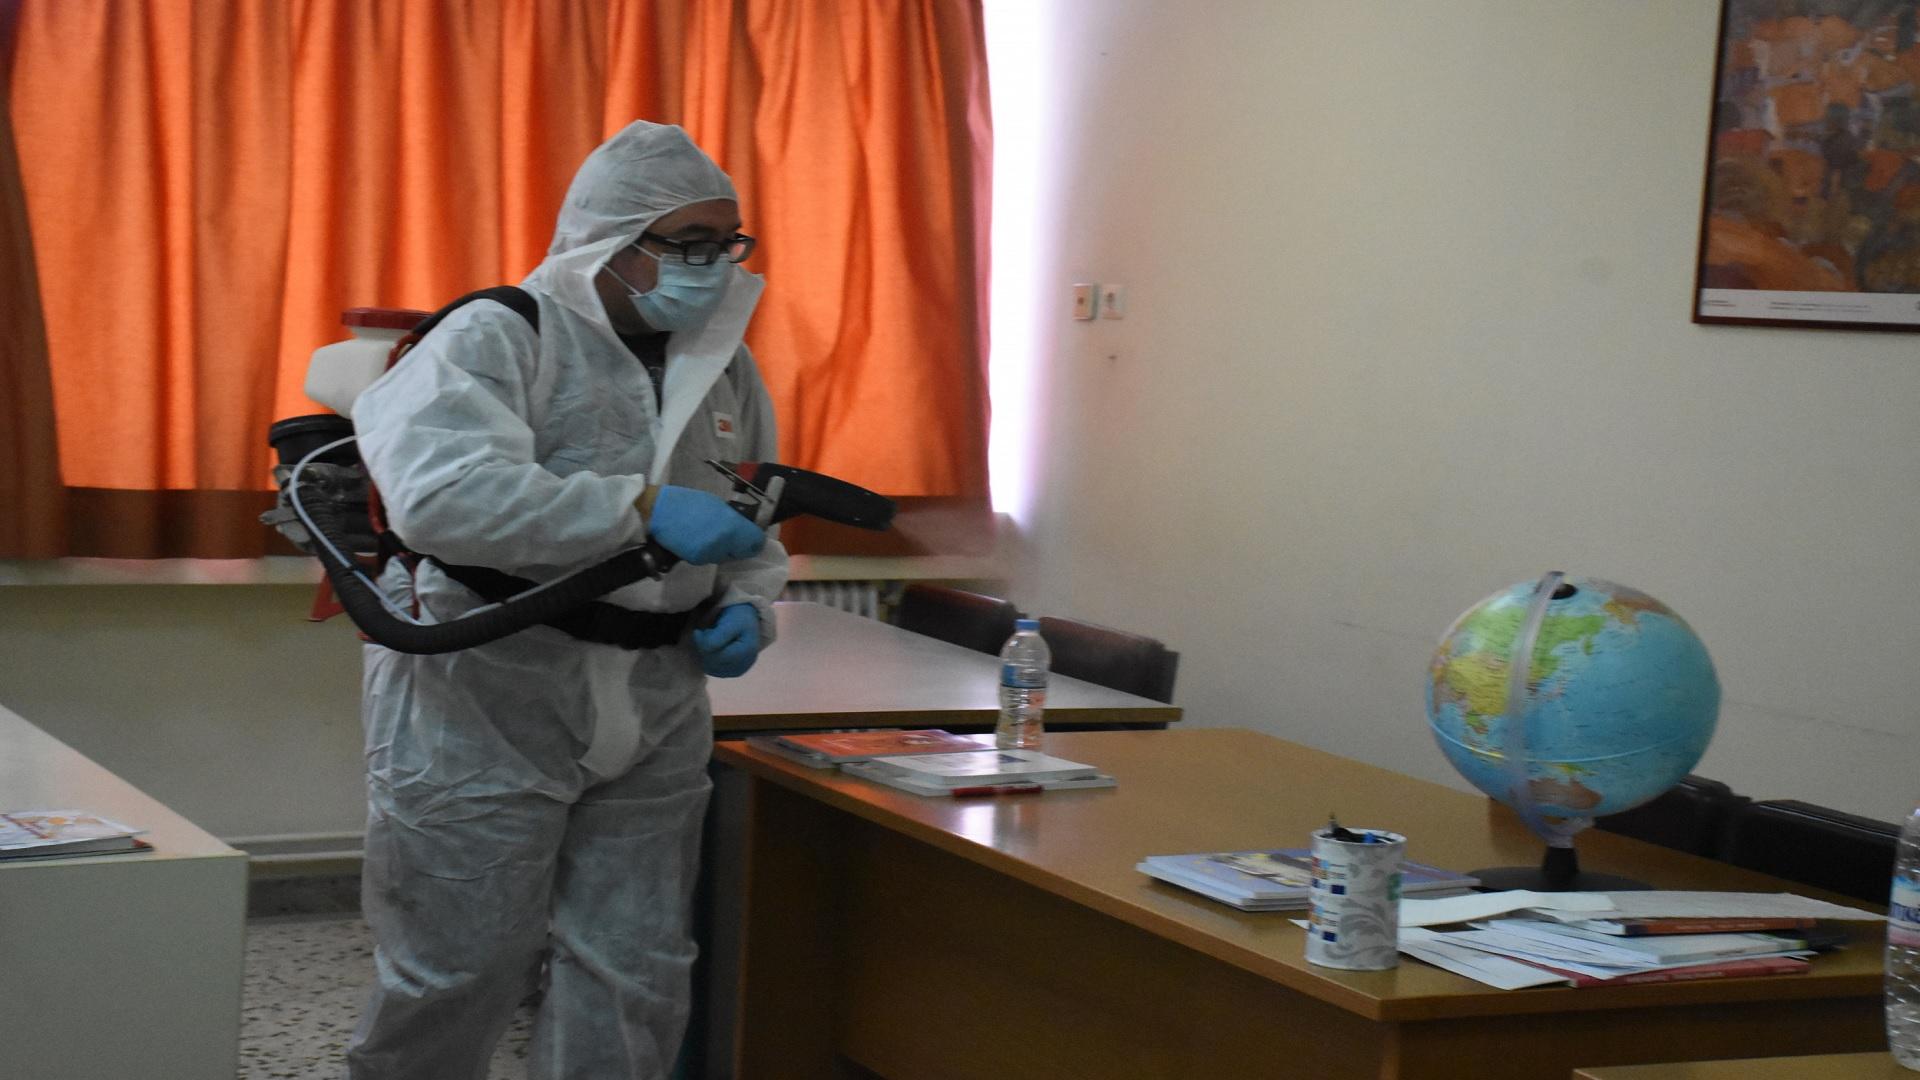 Τελικά το κλείσιμο των σχολείων απέτρεψε τη διασπορά του ιού;